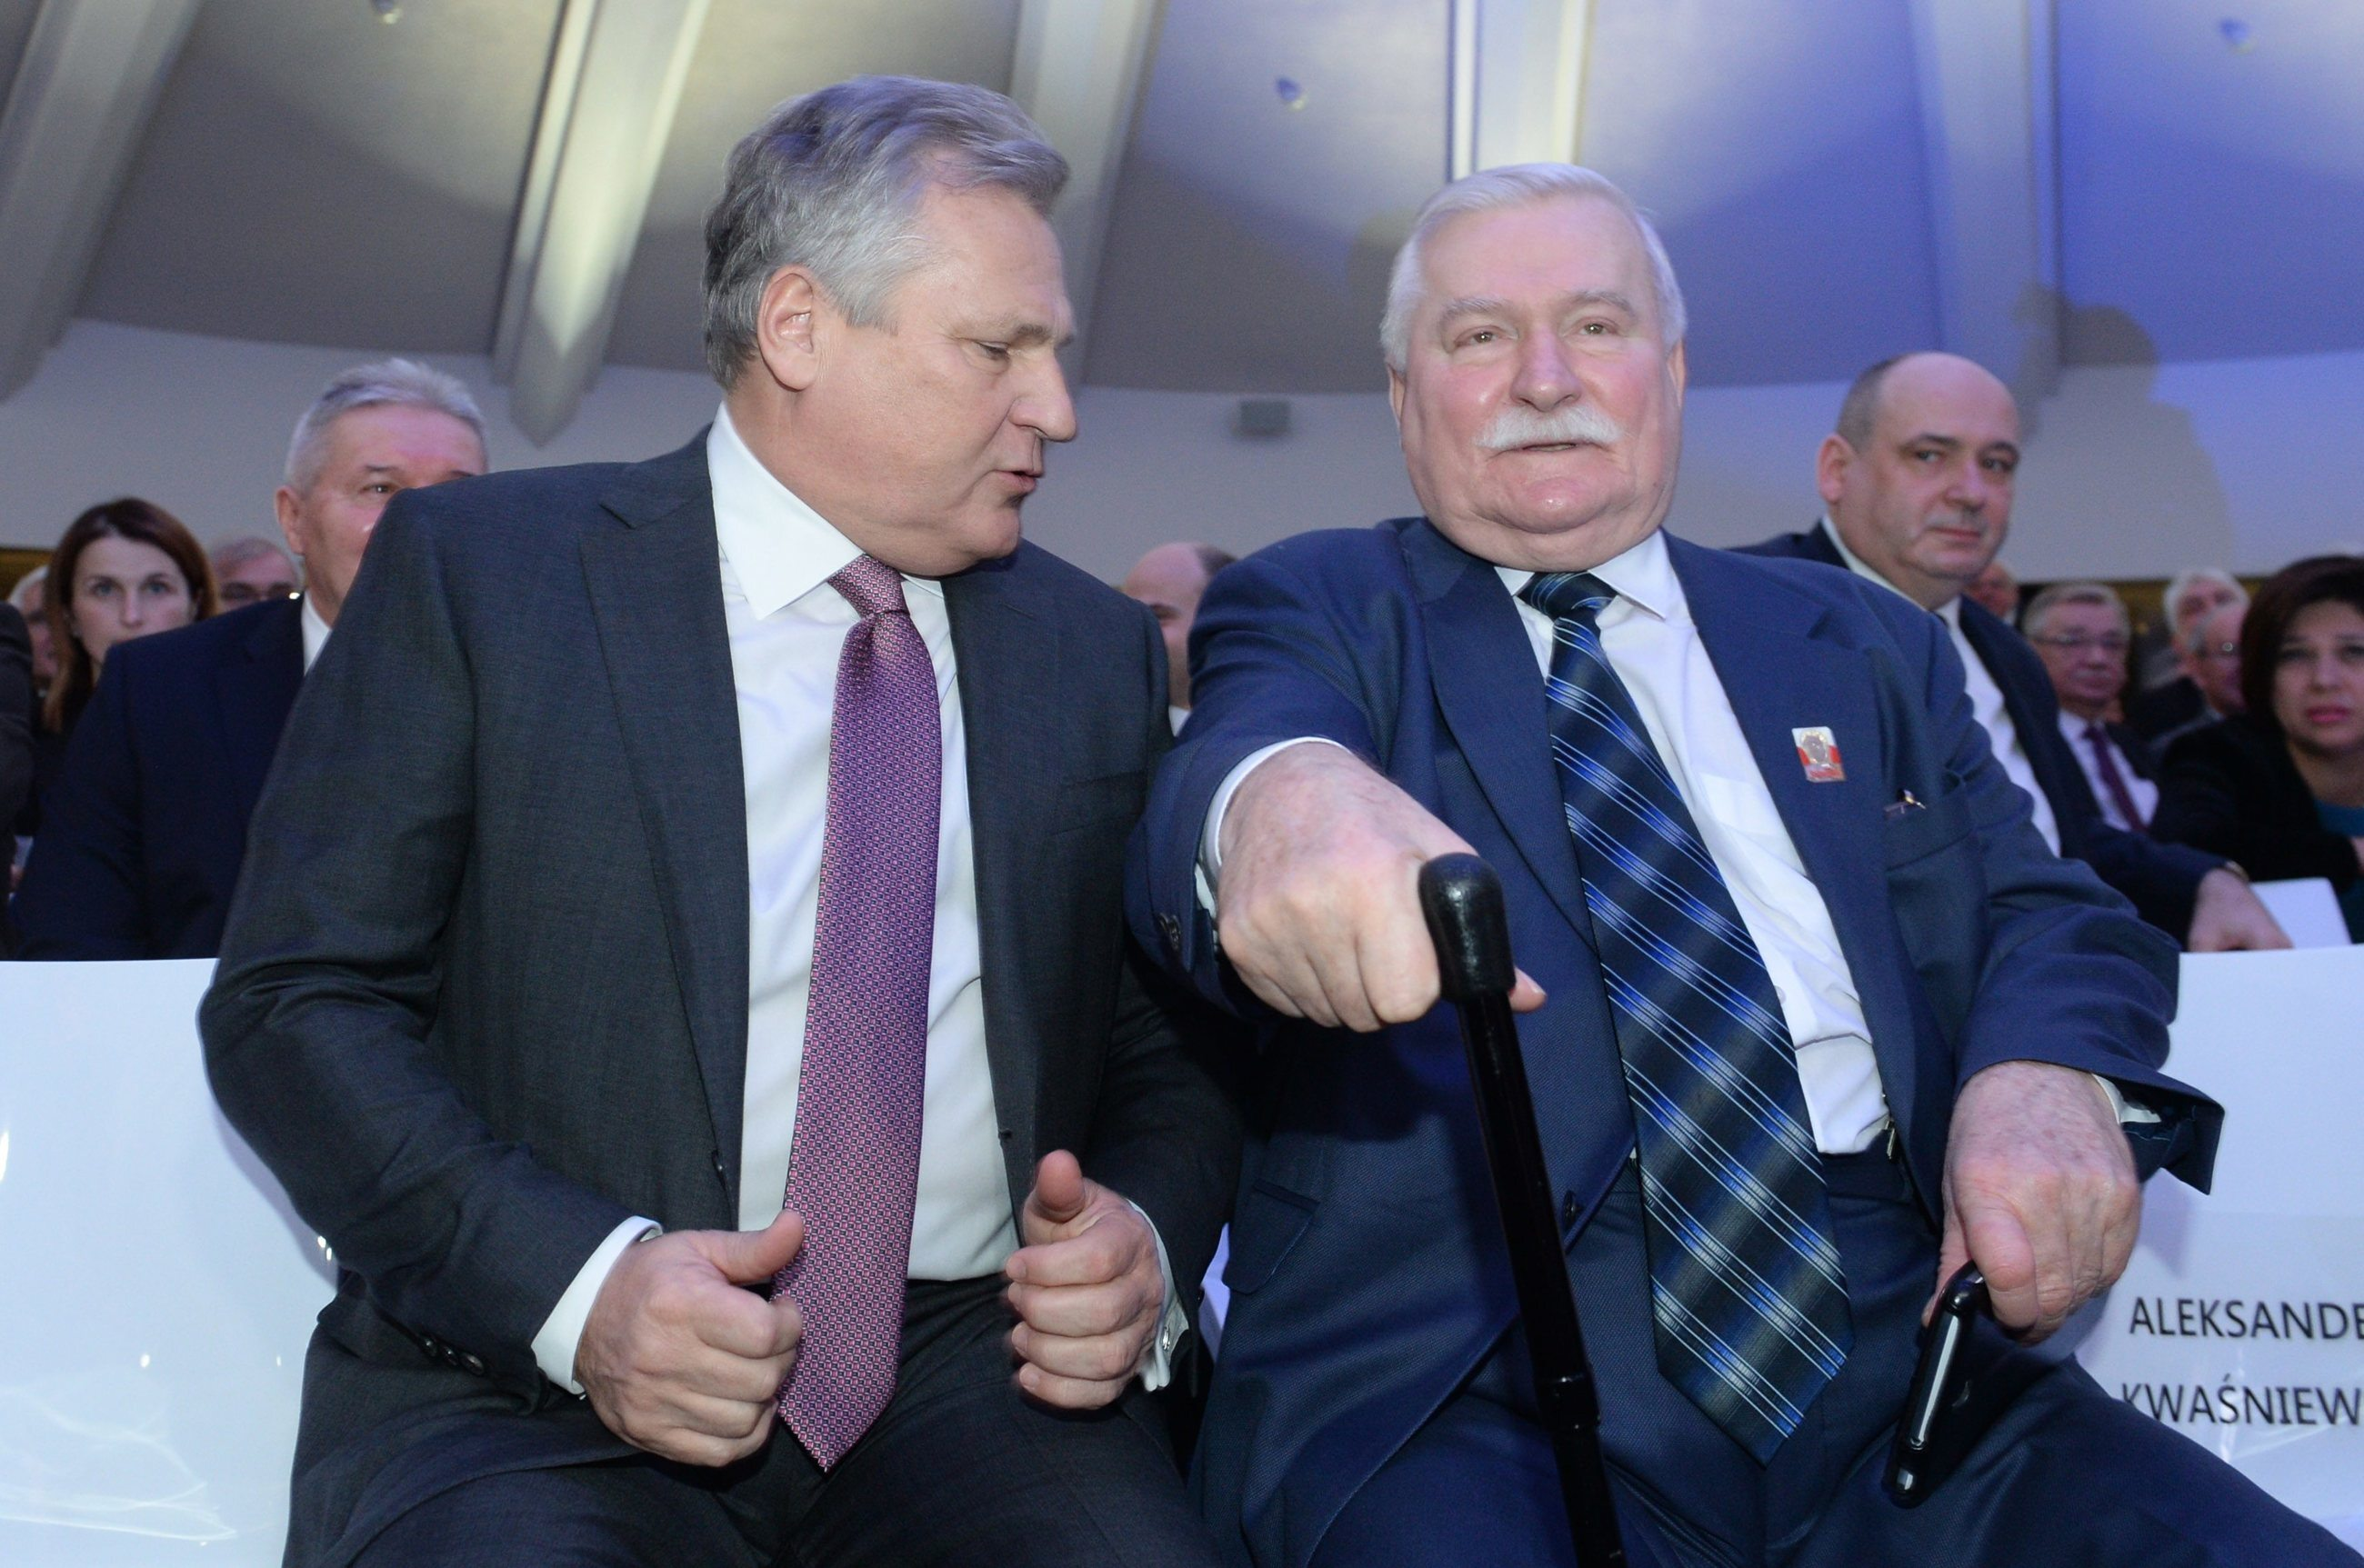 Byli prezydenci Aleksander Kwaśniewski i Lech Wałęsa